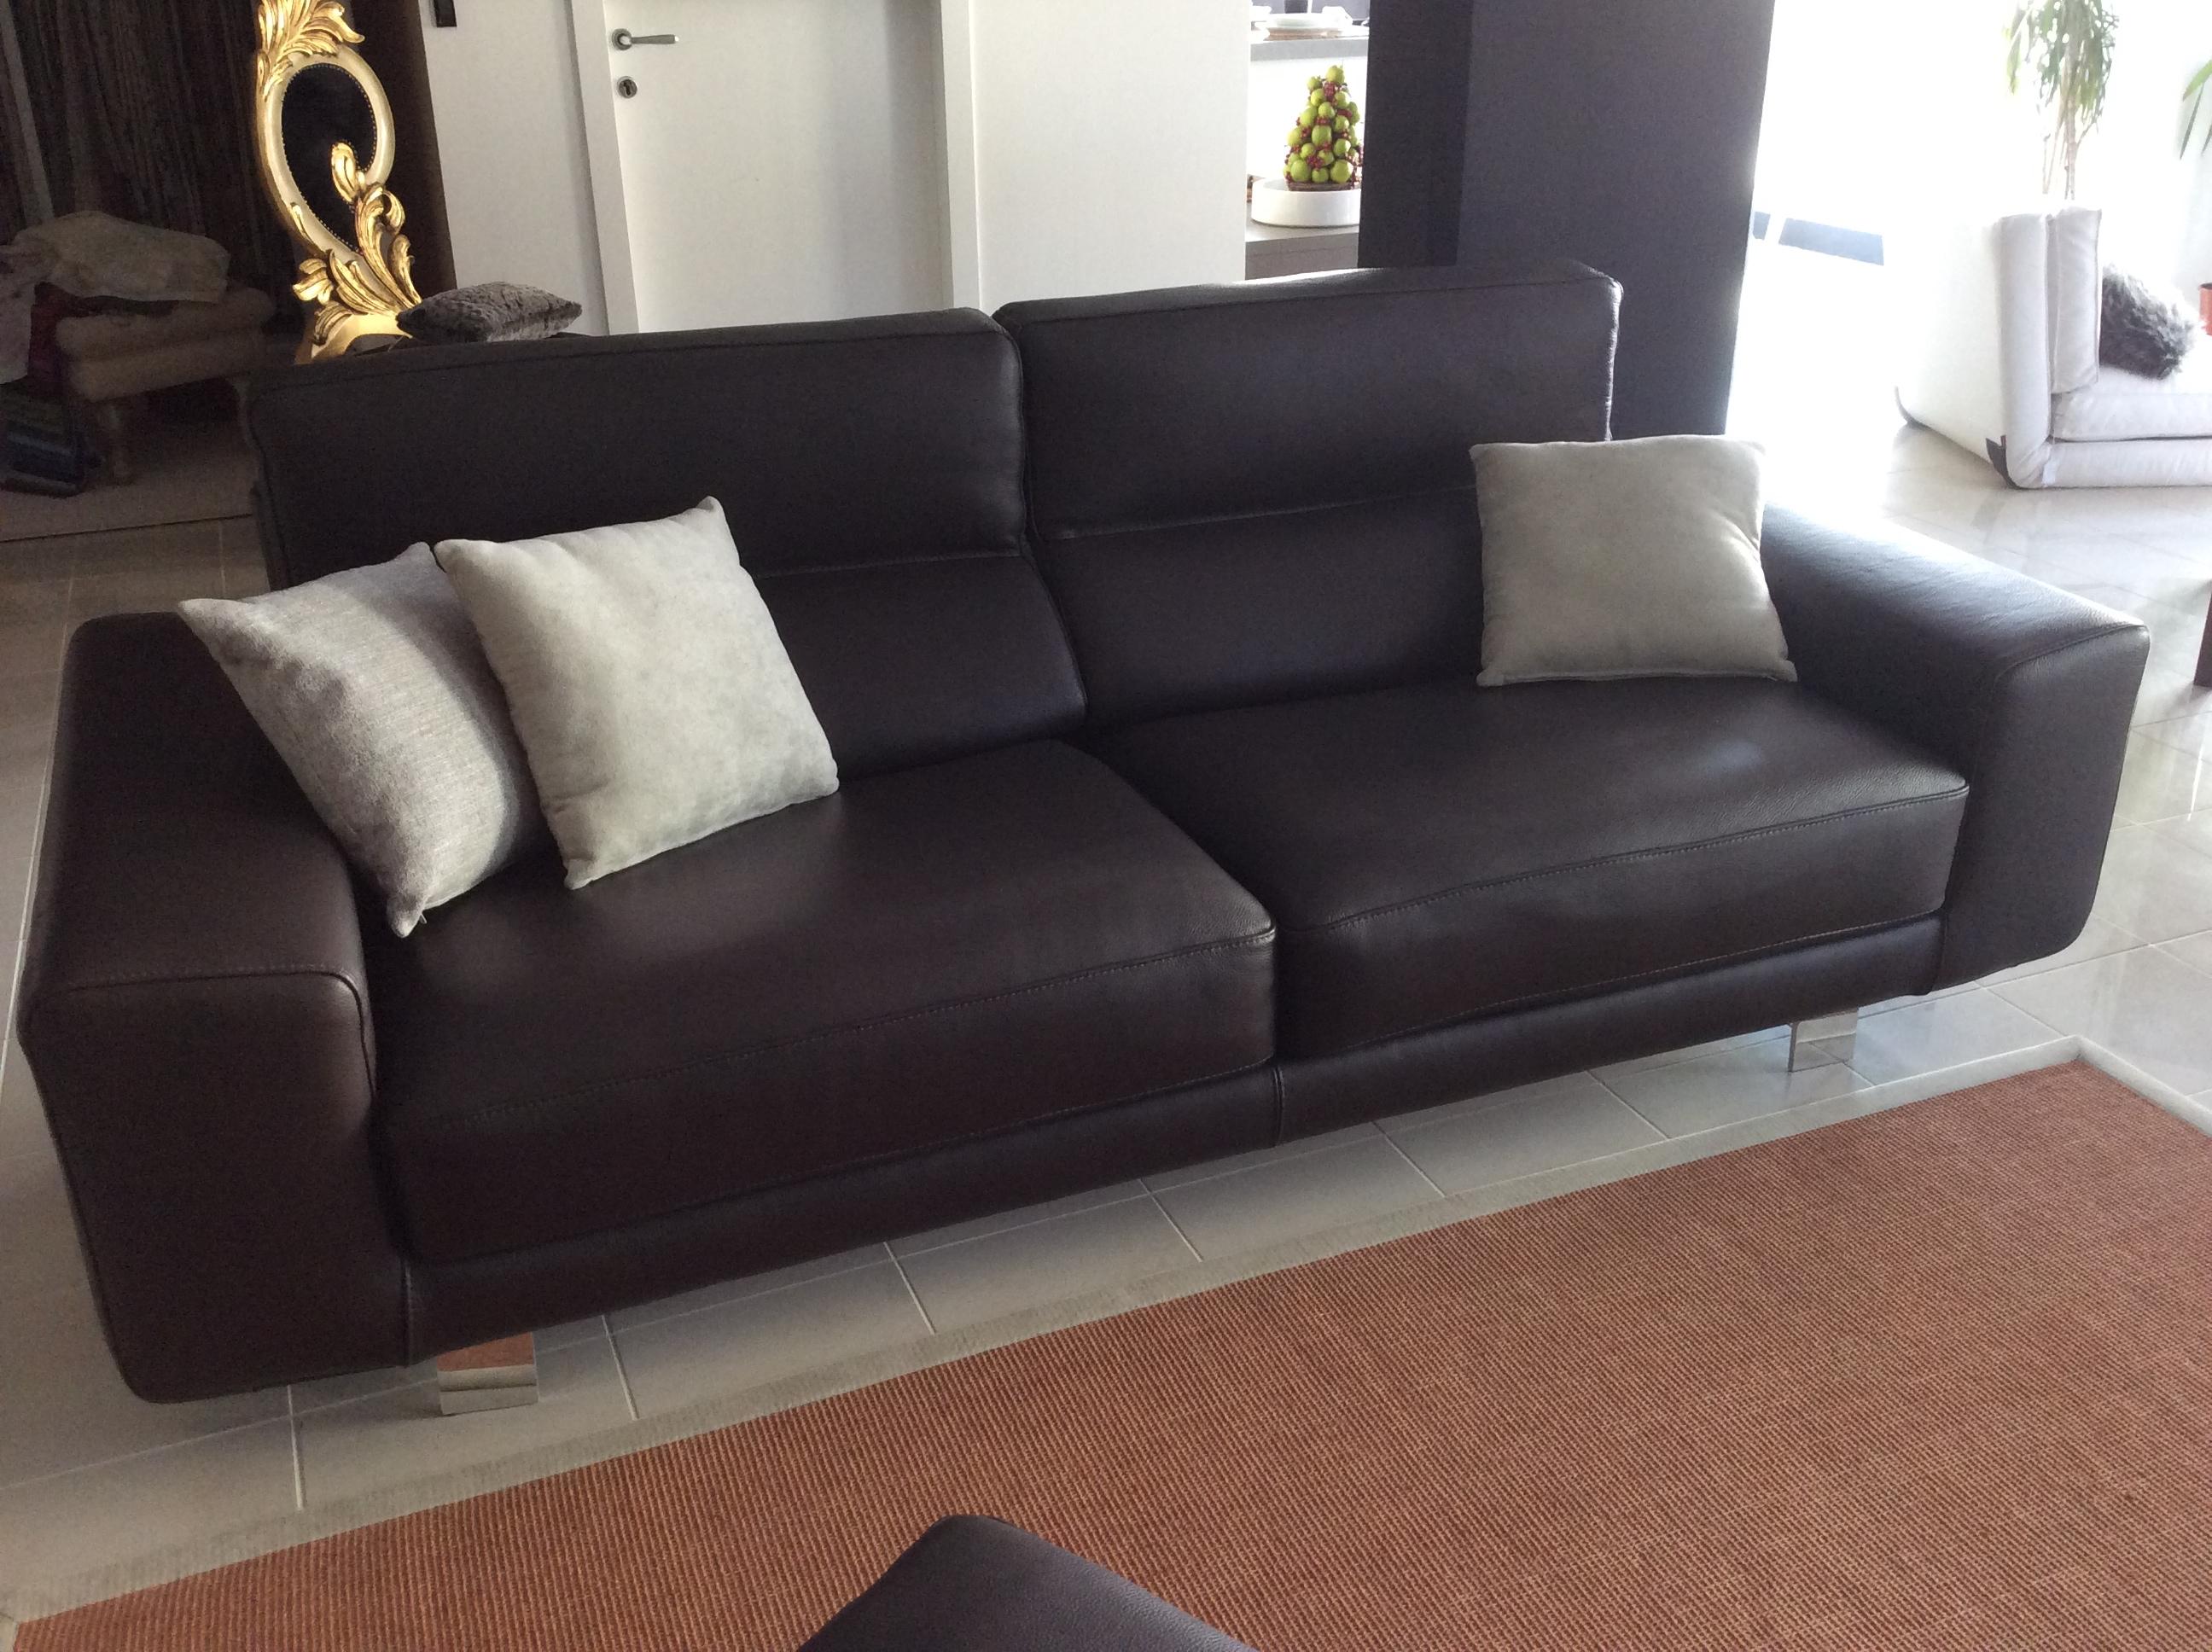 Divano modello klaus divani a prezzi scontati - Divano klaus prezzo ...